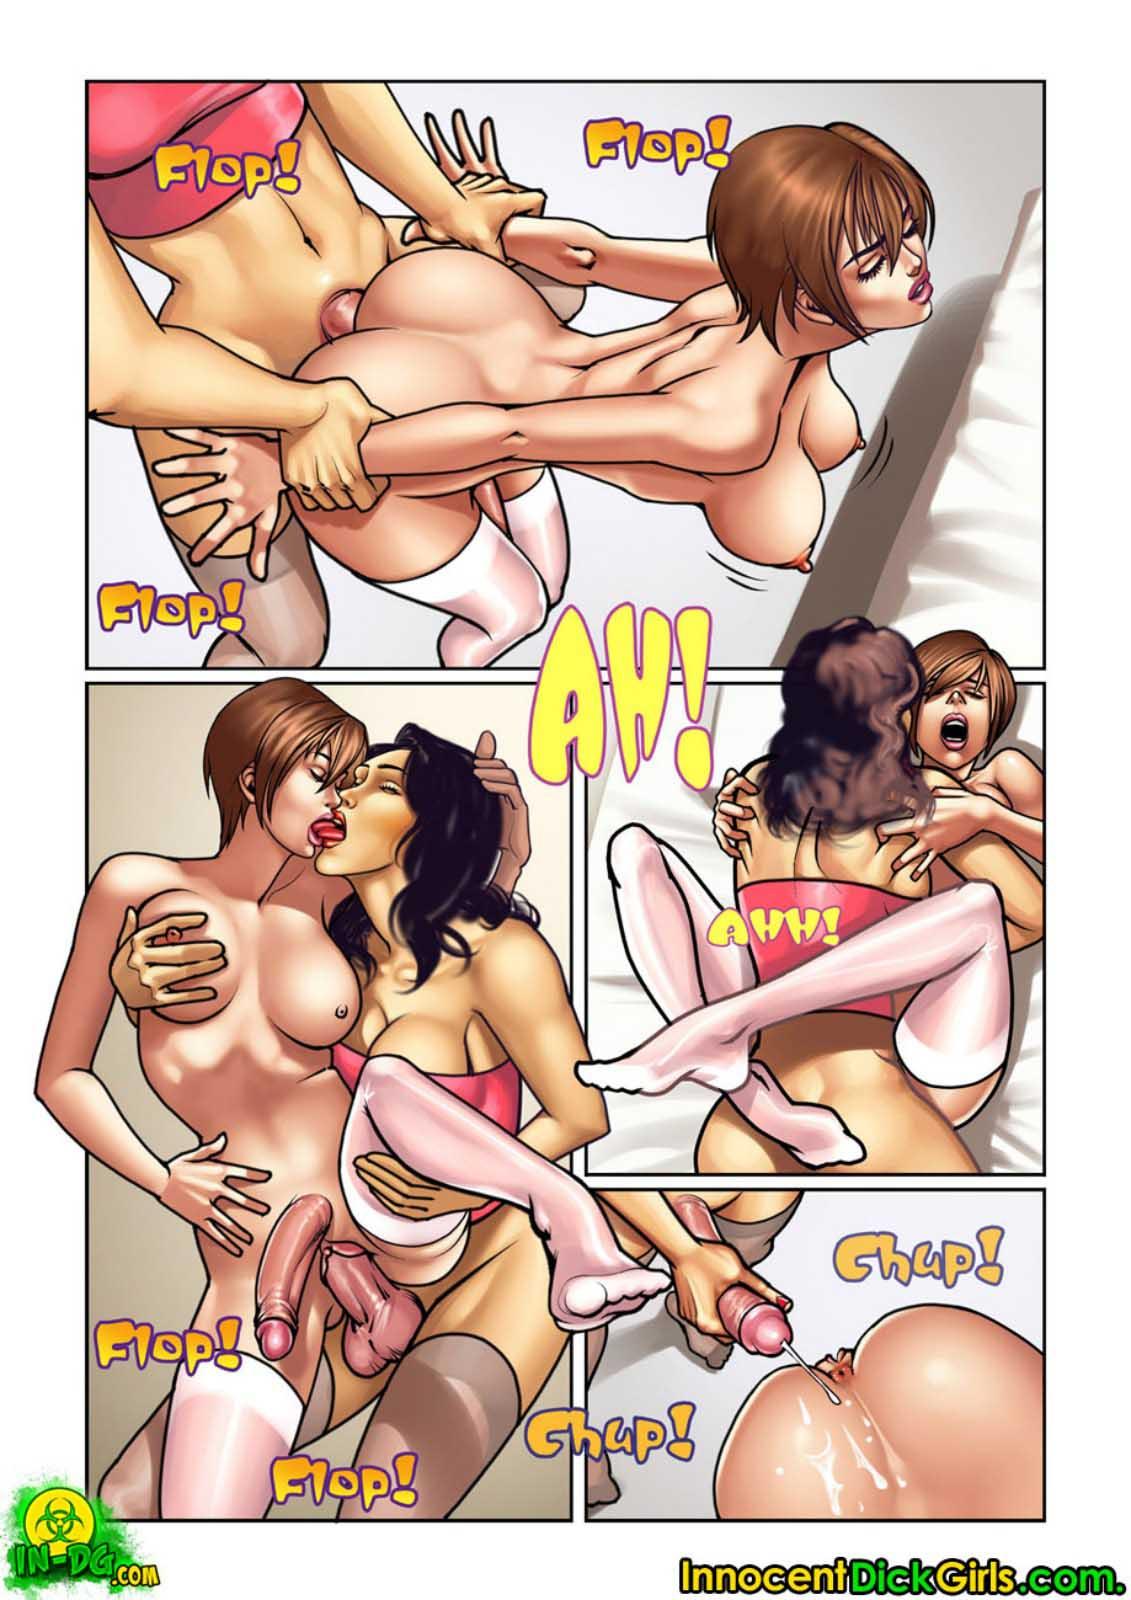 bar diego gay in lesbian san